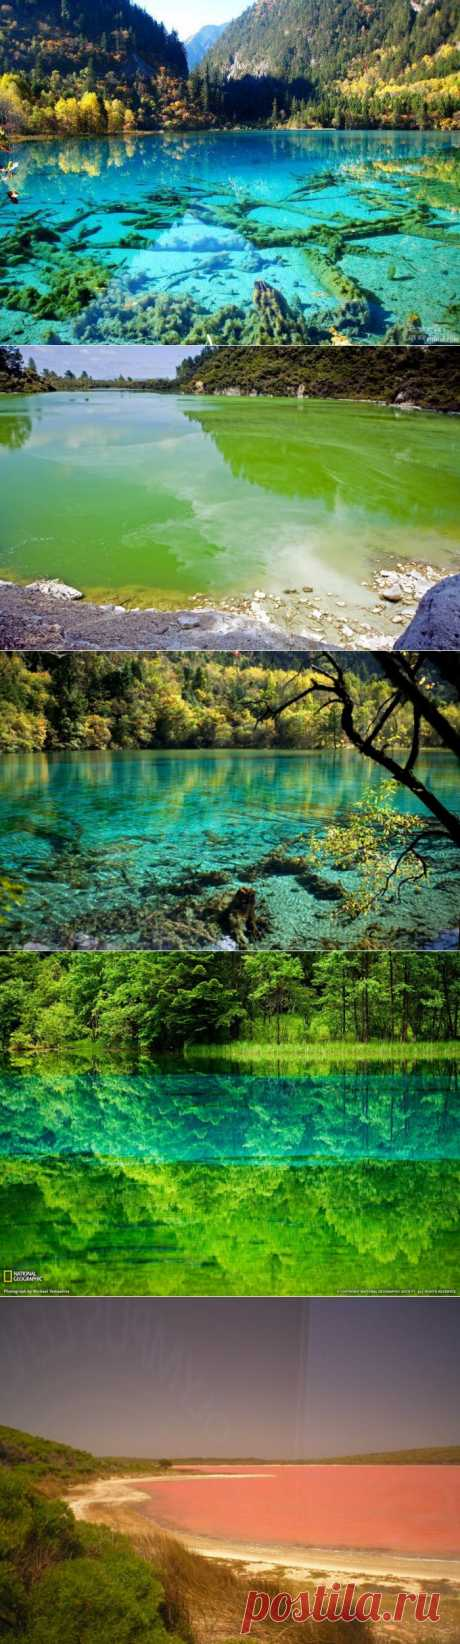 » 5 lagos con el agua de los matices asombrosos